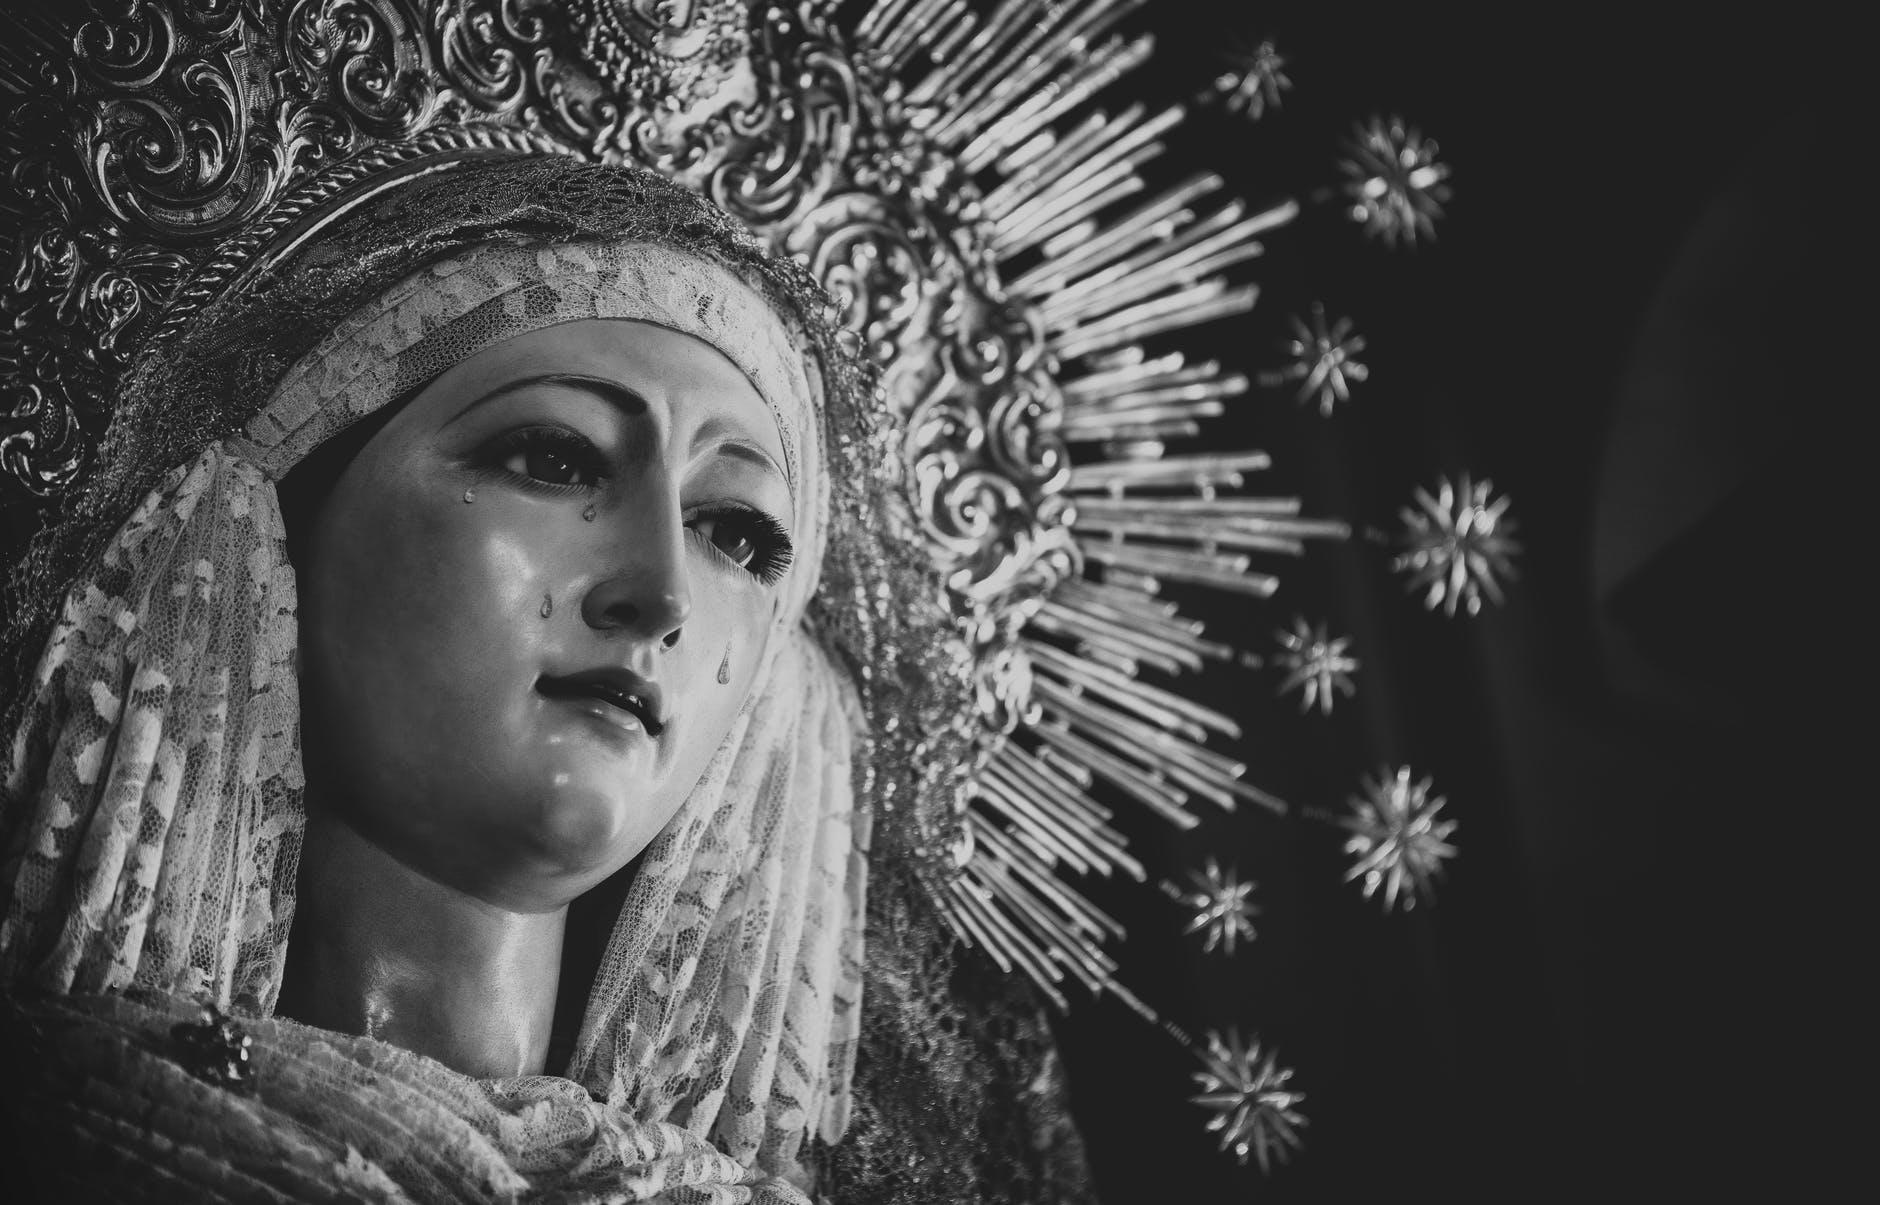 Primul semn al Apocalipsei. Profeția Fecioarei Maria de la Fatima îngrozește: Va zgudui Pământul vreme de 8 ore!